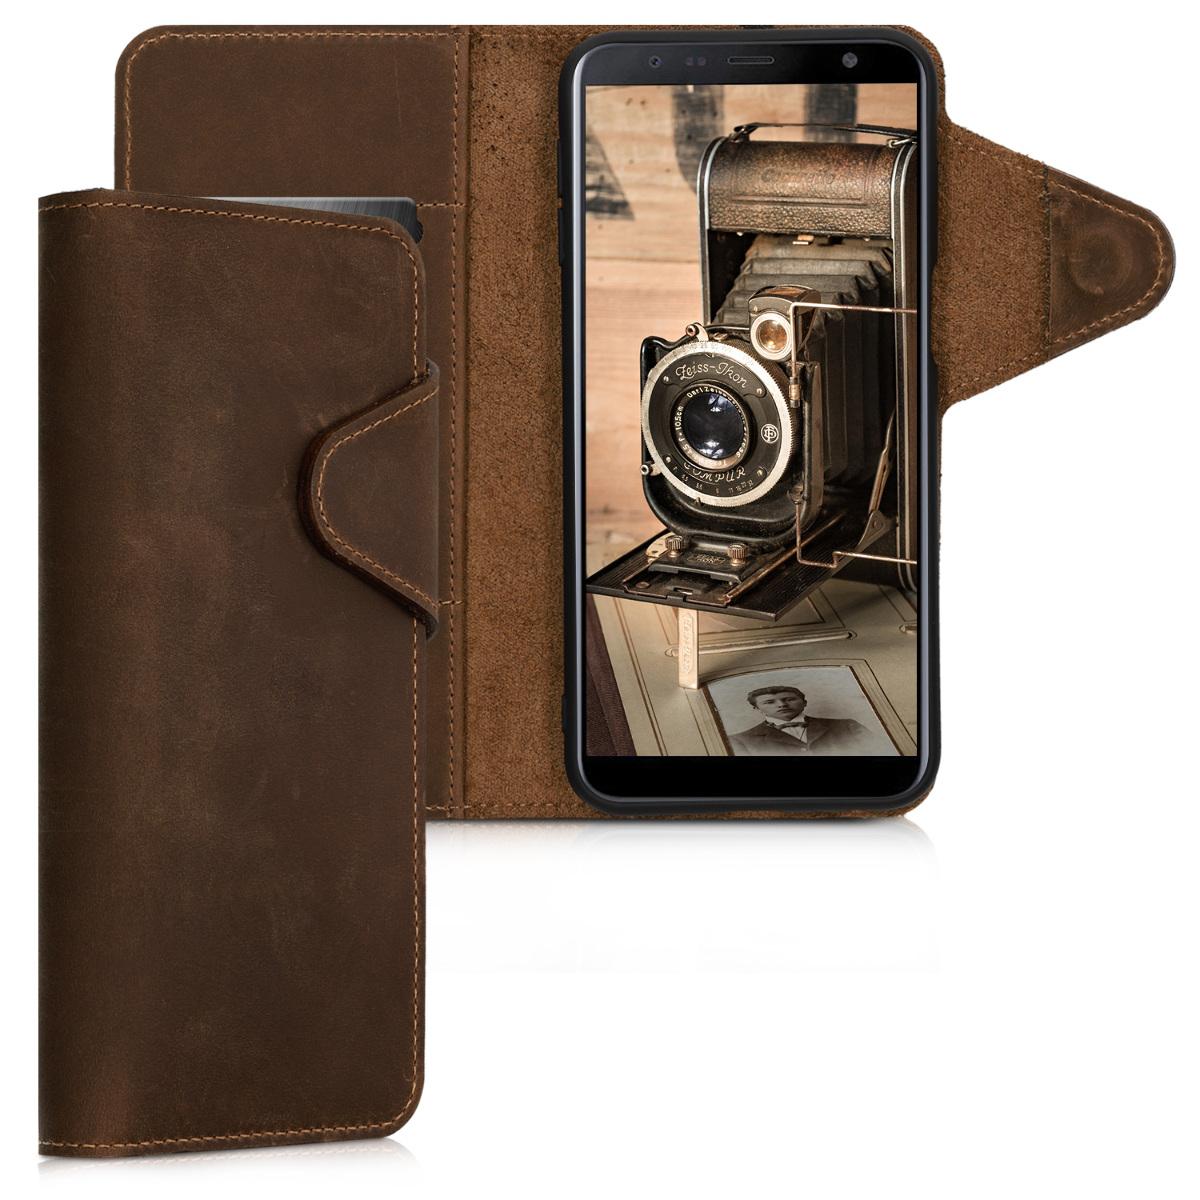 Kalibri Δερμάτινη Suede Θήκη - Πορτοφόλι Samsung Galaxy J6 Plus - Καφέ (46604.05)